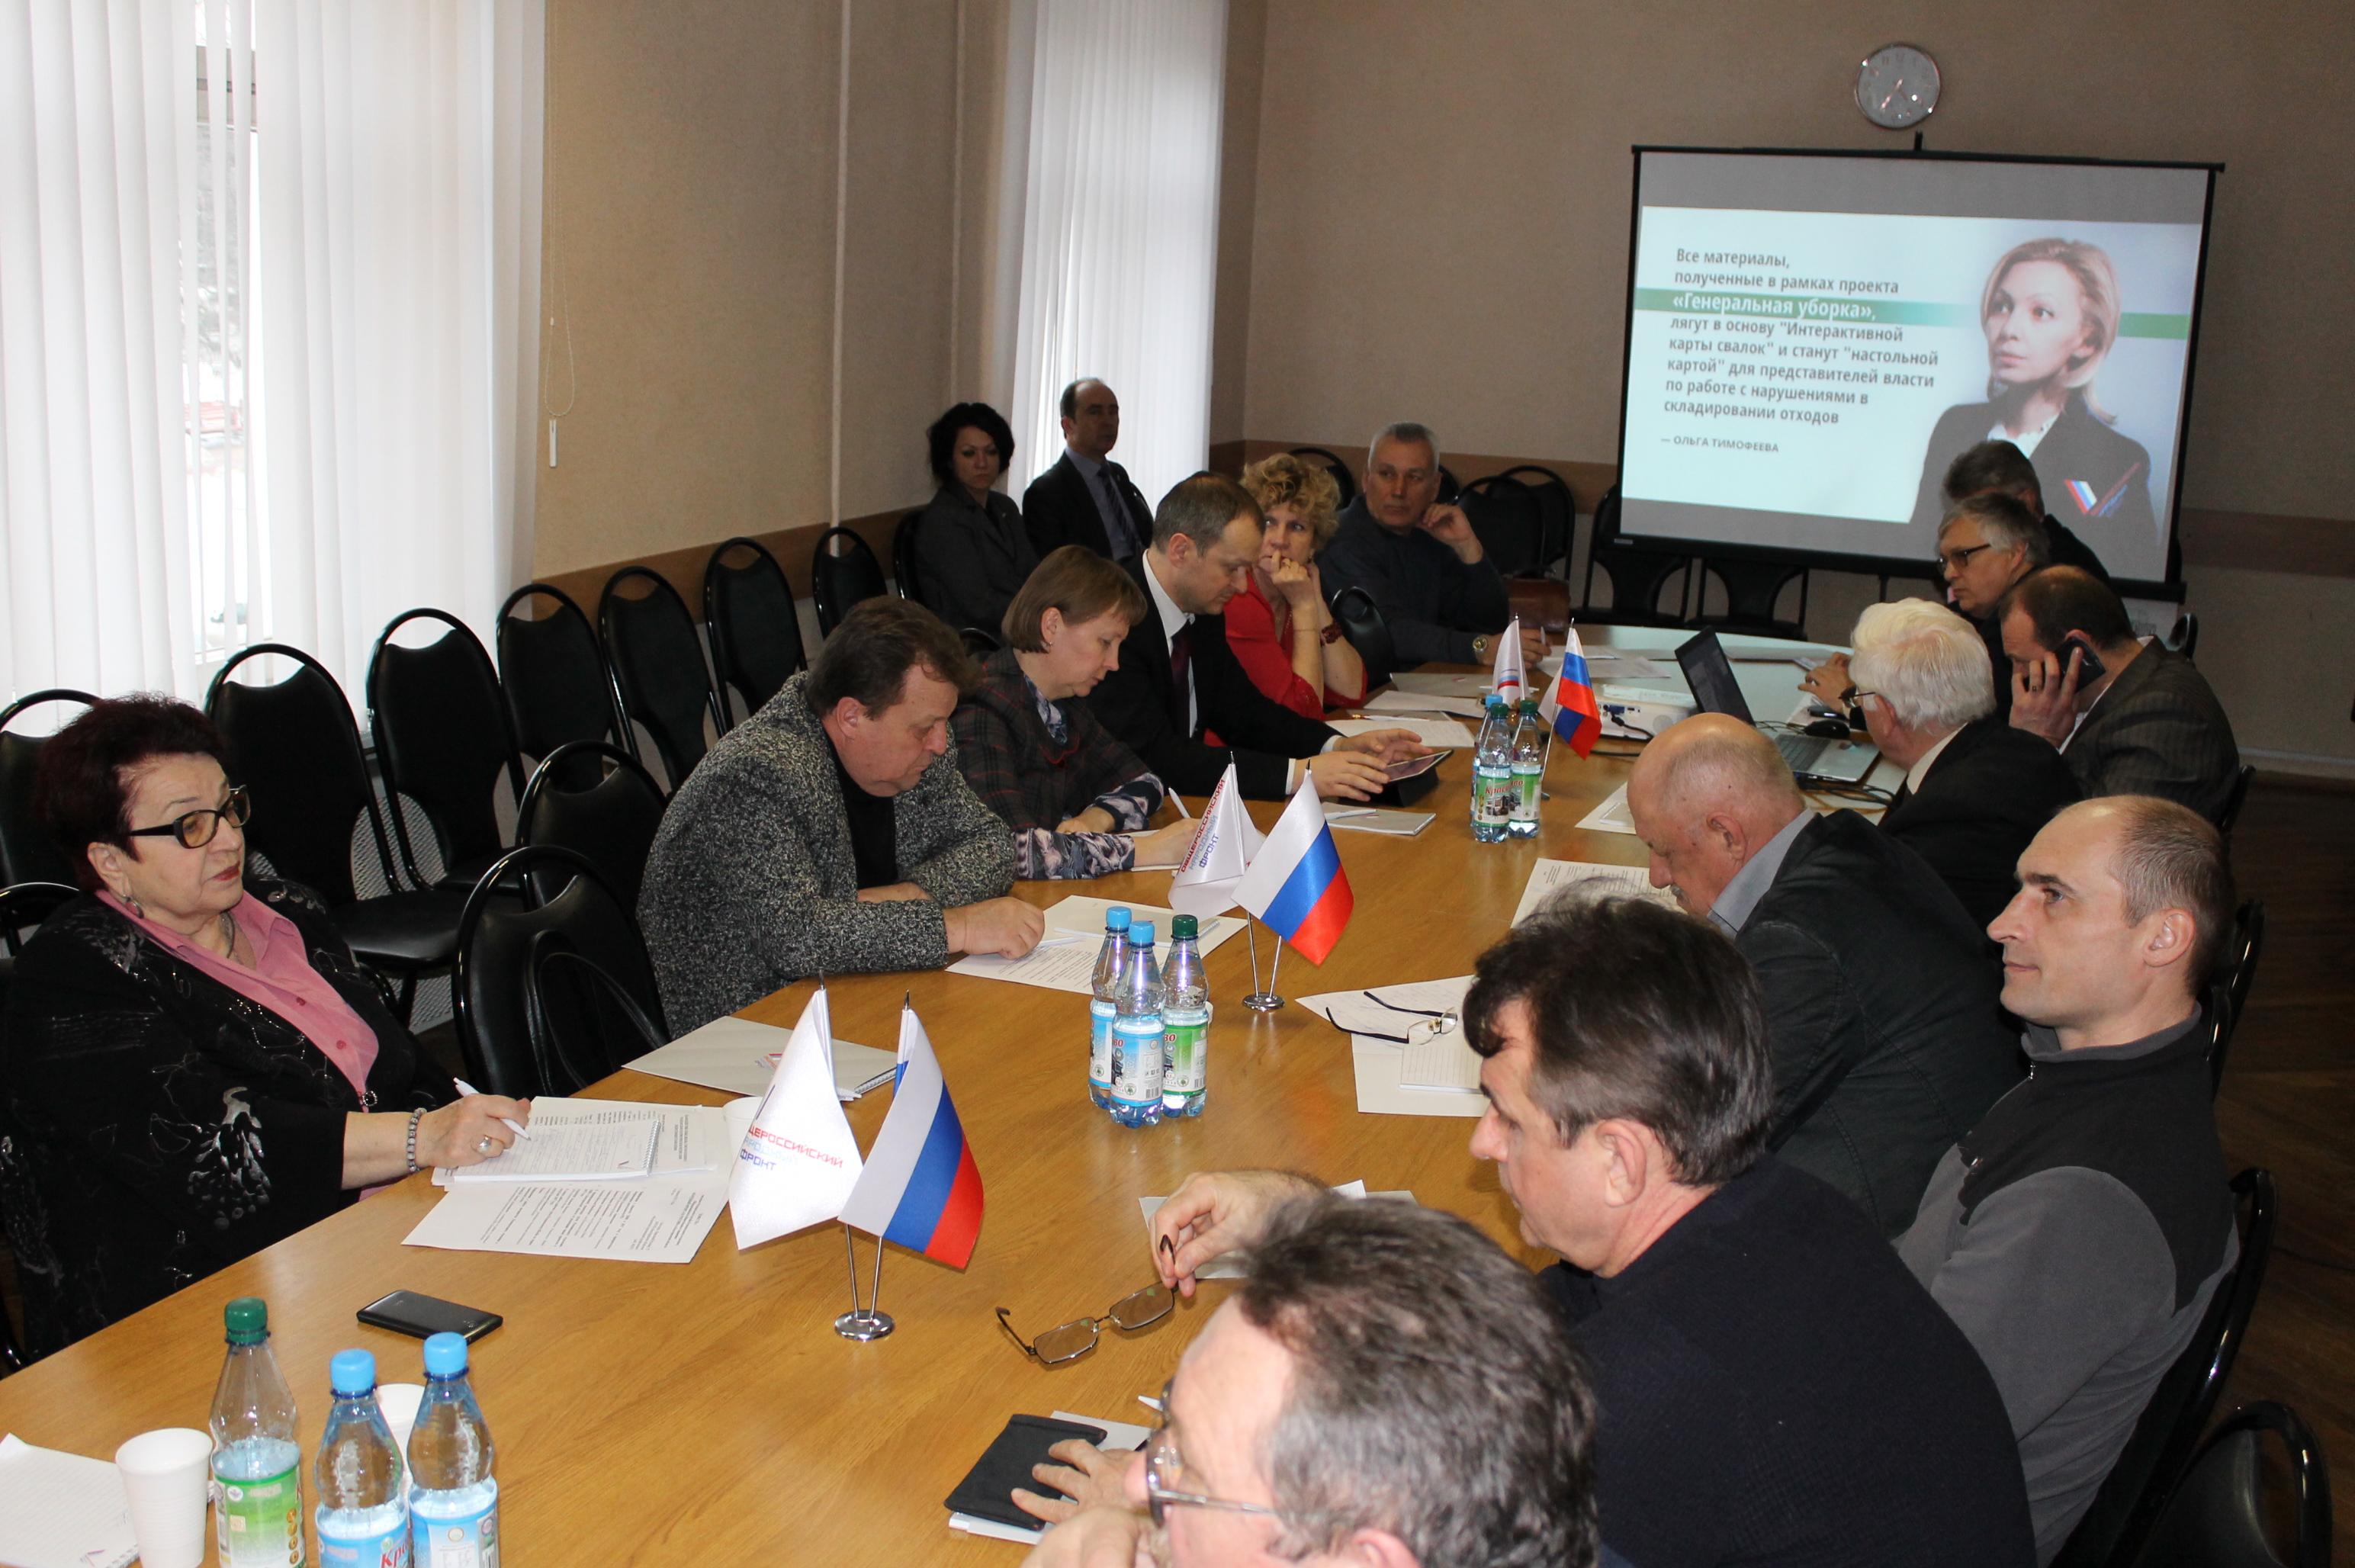 Активисты Общероссийского народного фронта вНенецком округе провели презентацию основных проектов